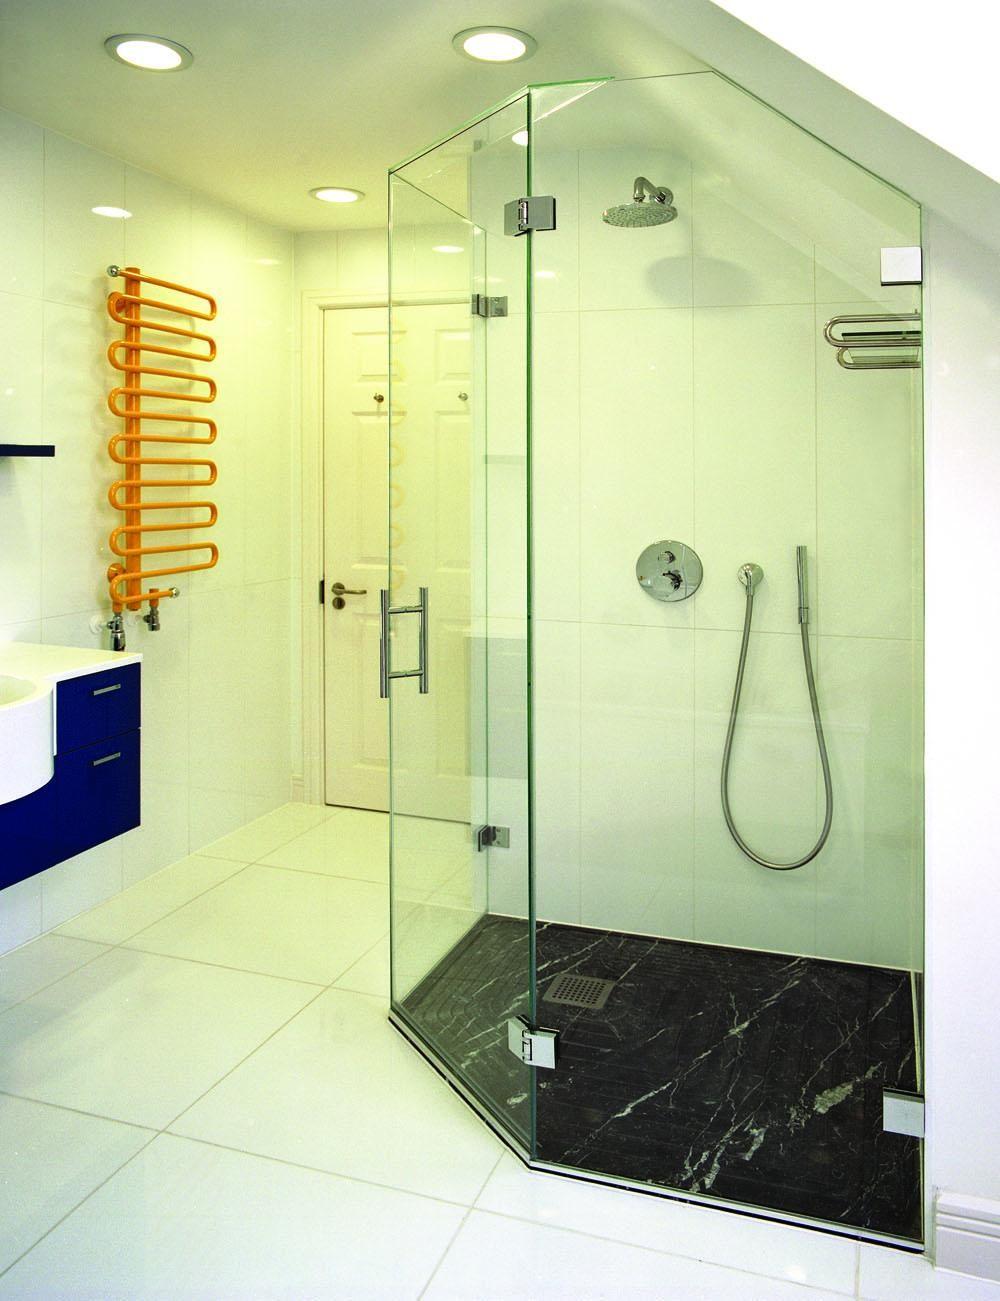 Shower Enclosures | Glasstrends - Frameless Shower Doors, Cubicles ...